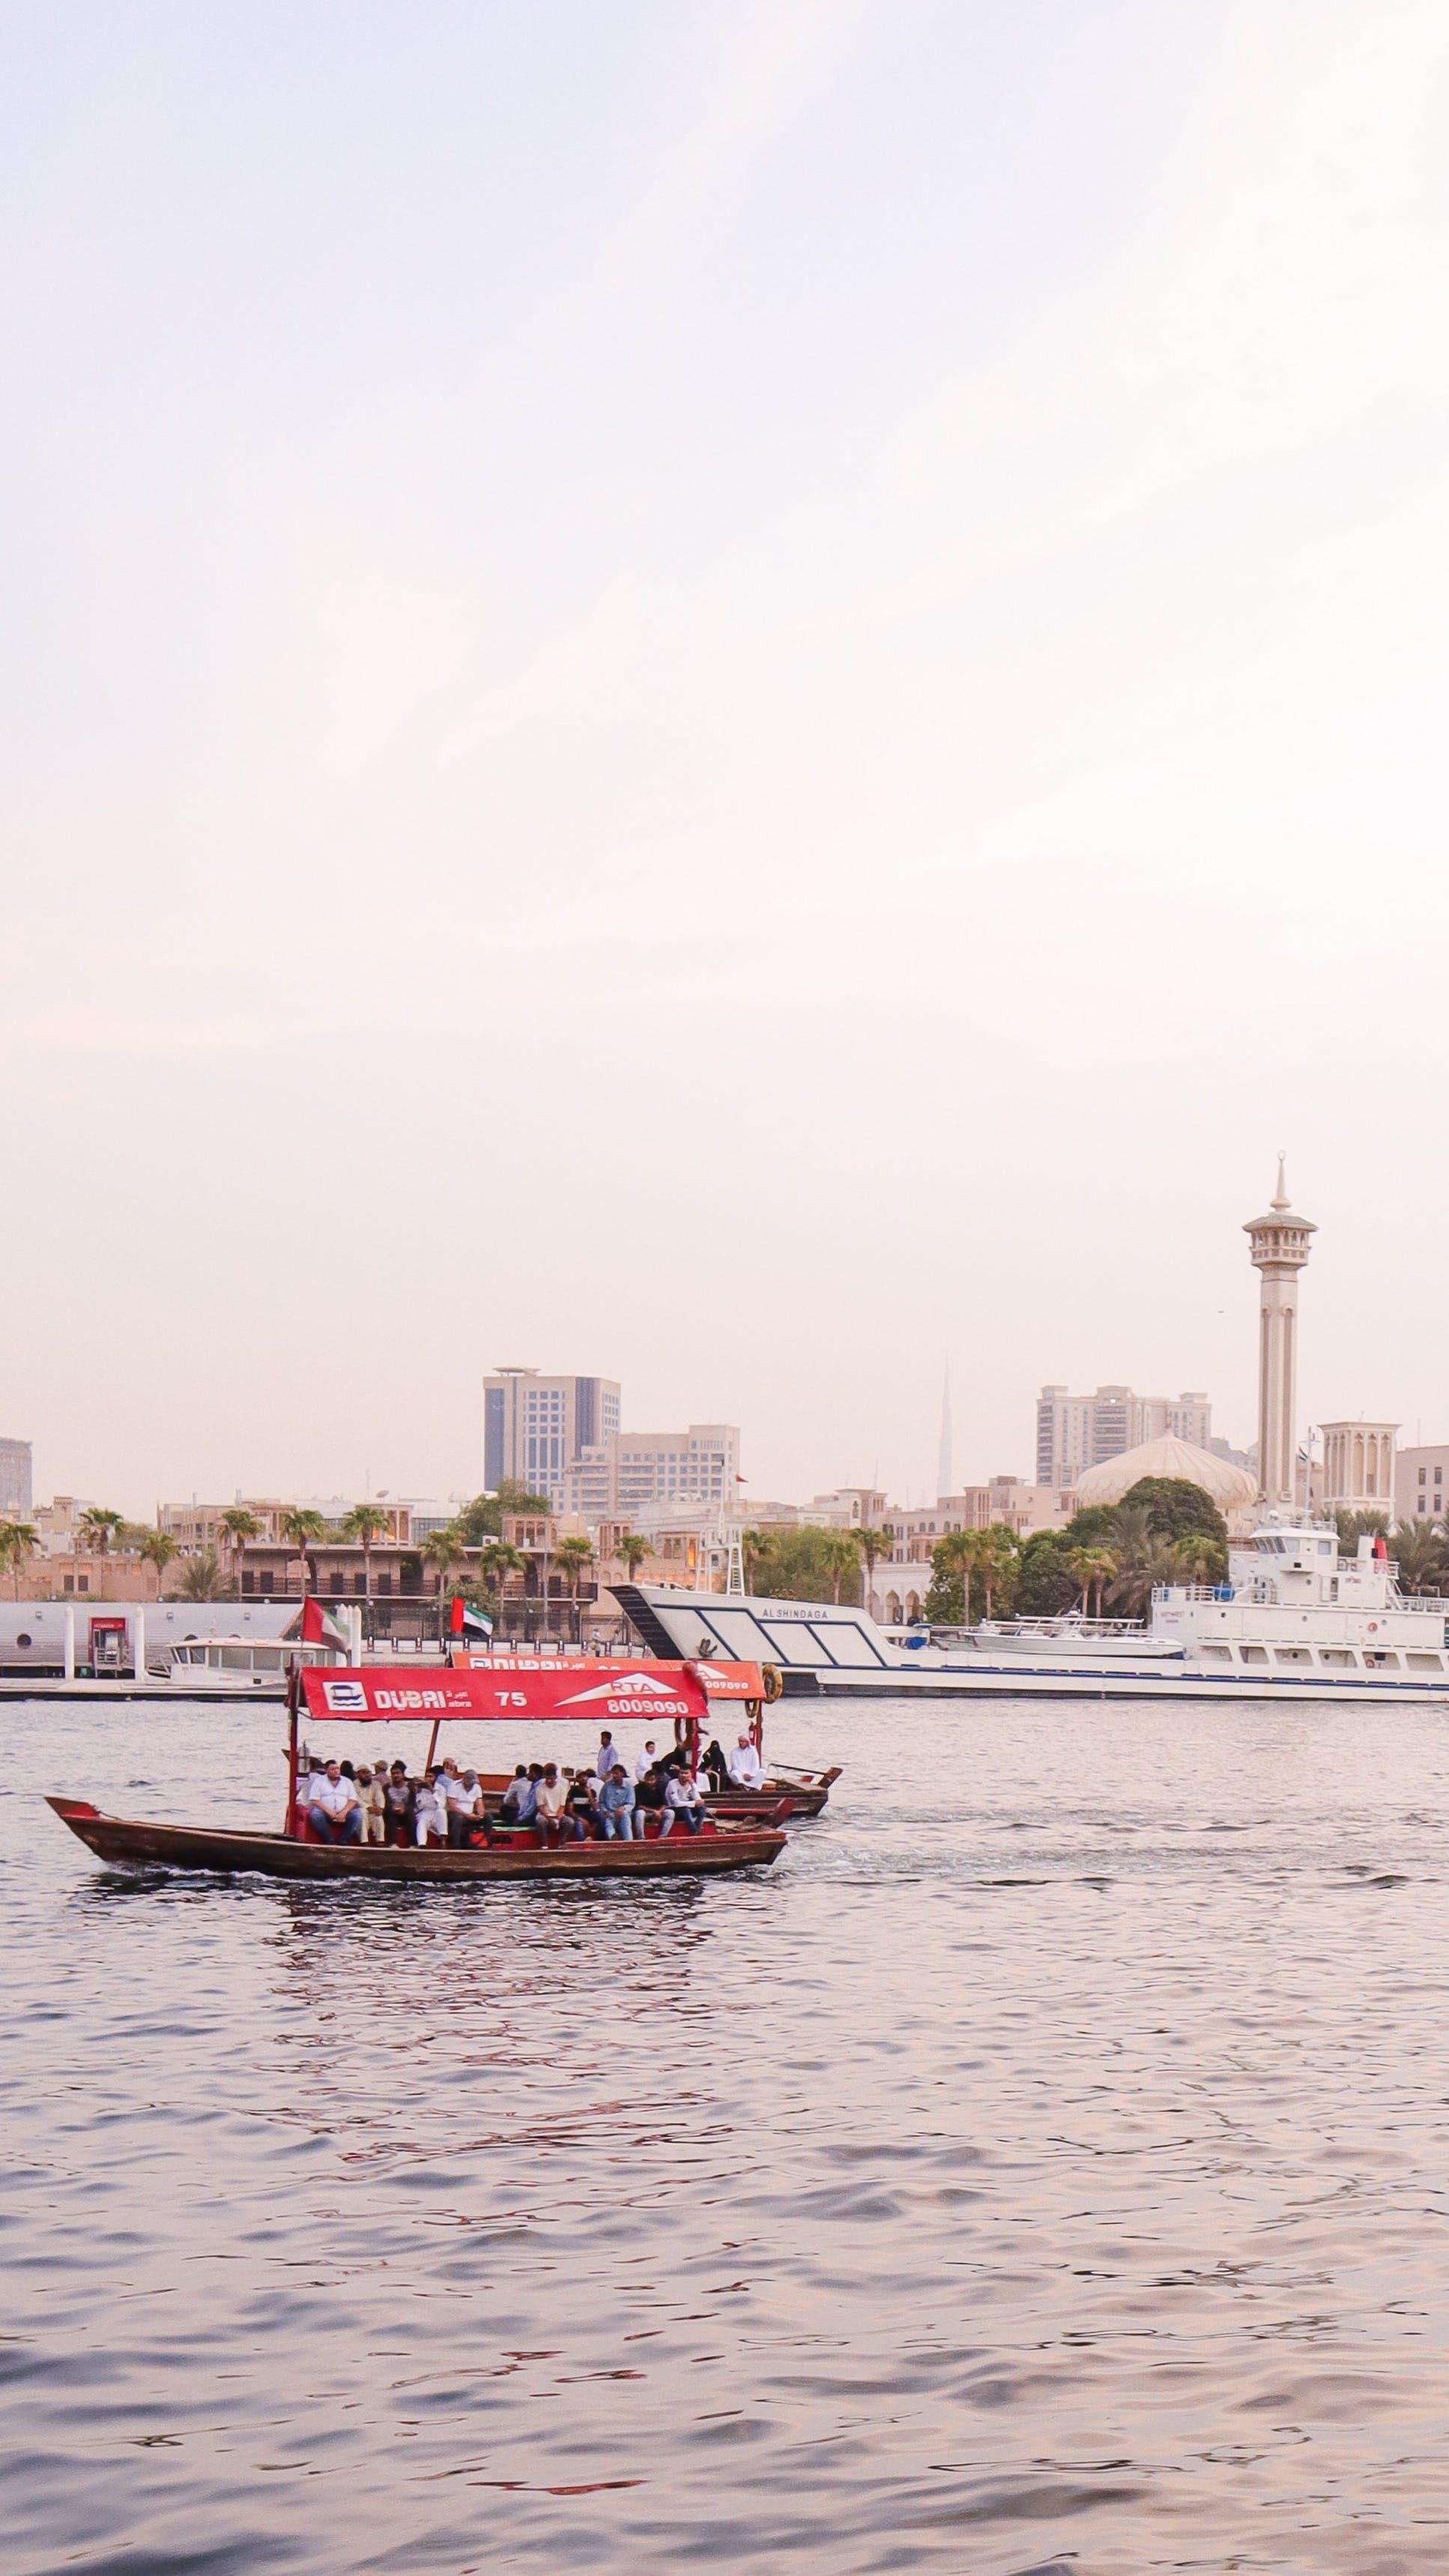 Gratis stockfoto met architectuur, boot, daglicht, gebouwen